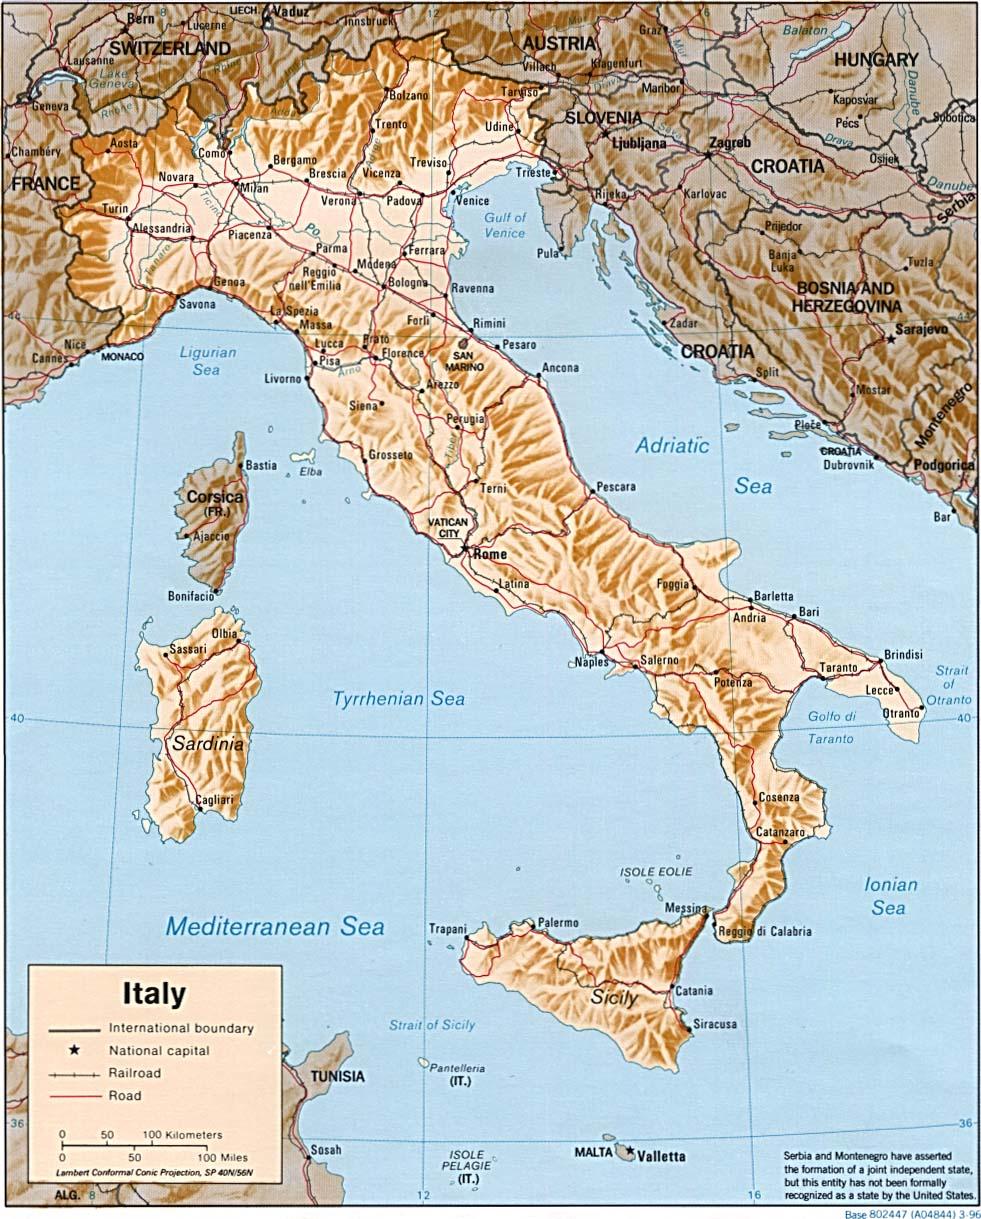 Brindisi Cartina Geografica.Mappa Italia Cartina Geografica E Risorse Utili Viaggiatori Net